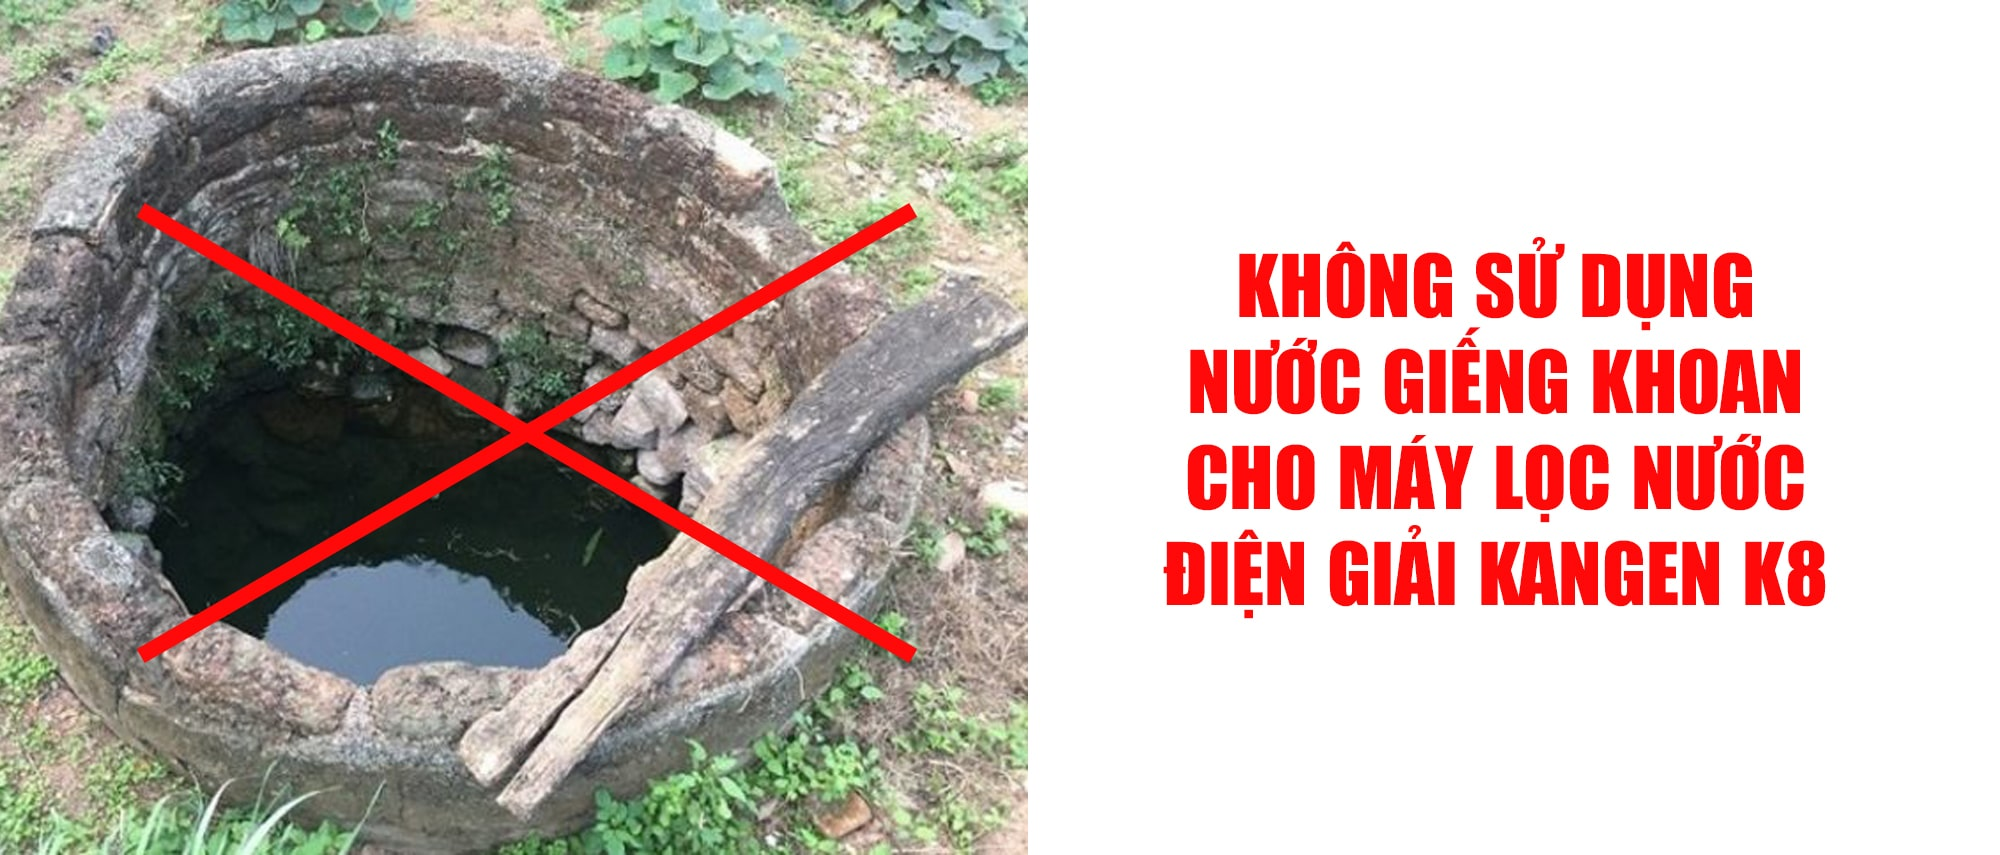 Không nên sử dụng nước giếng khoan cho máy lọc nước điện giải Kangen K8